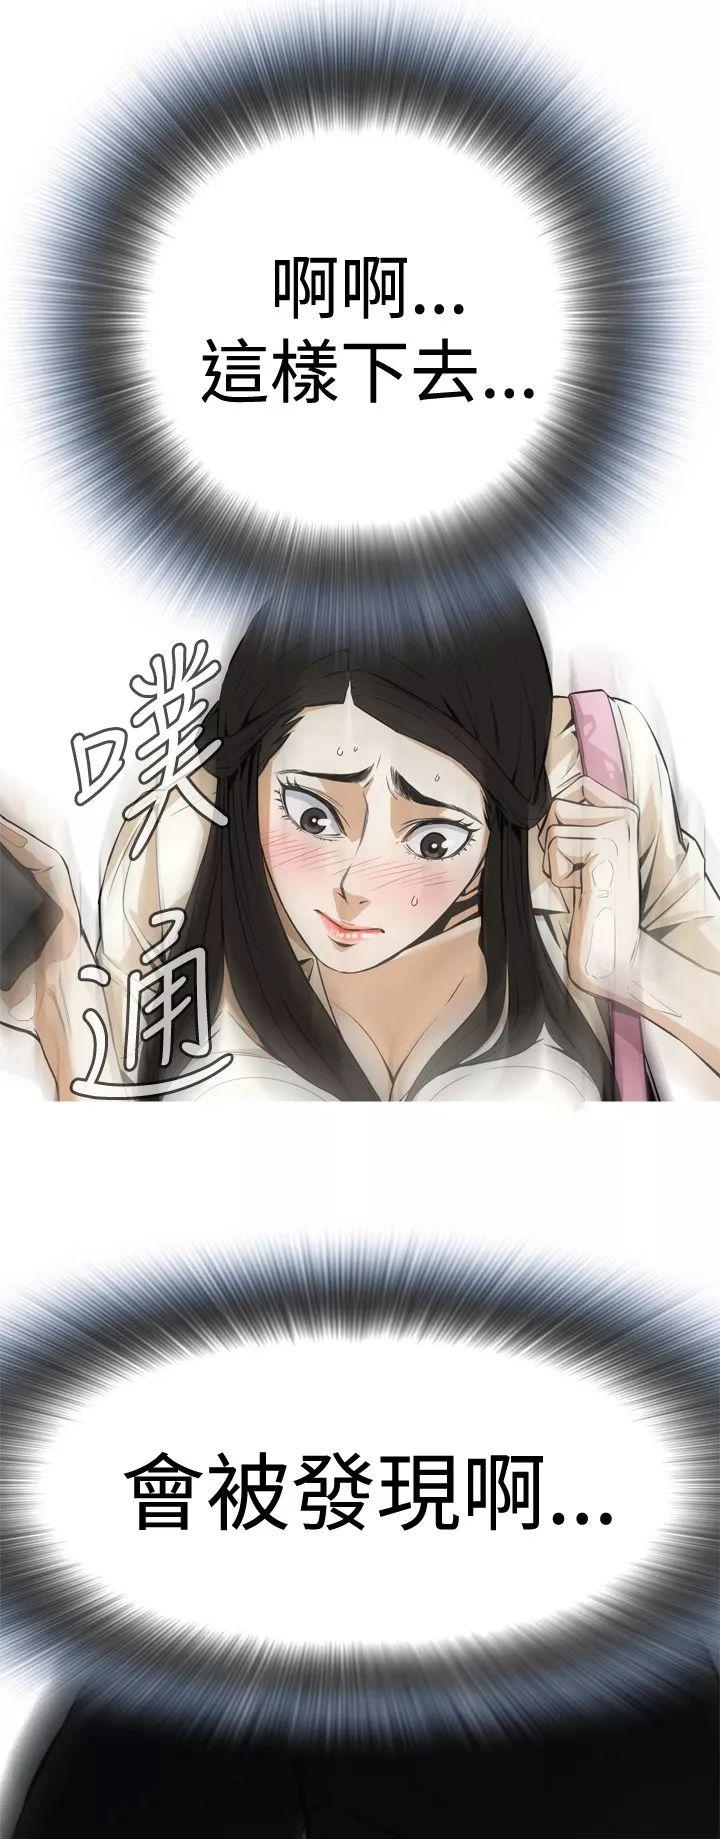 【漫画污污污】:被偷看是种体验?漫画图片s型图片